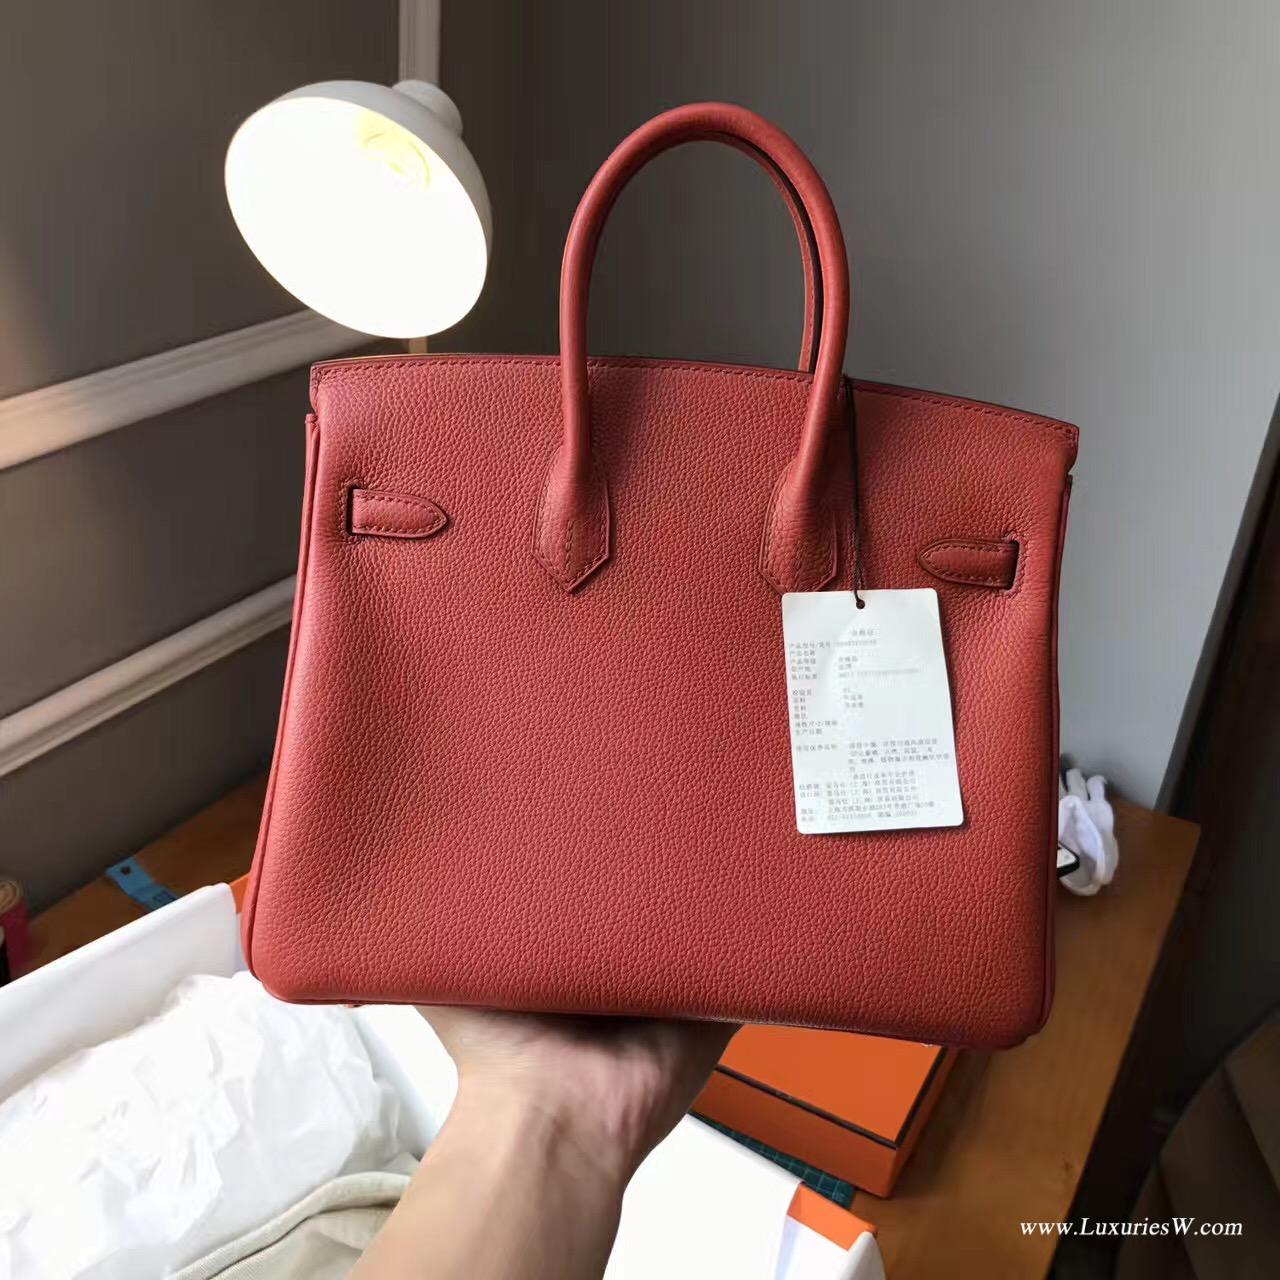 Hermès 铂金包(Birkin)爱马仕最出名的包袋 Birkin 25 togo小牛皮古铜色